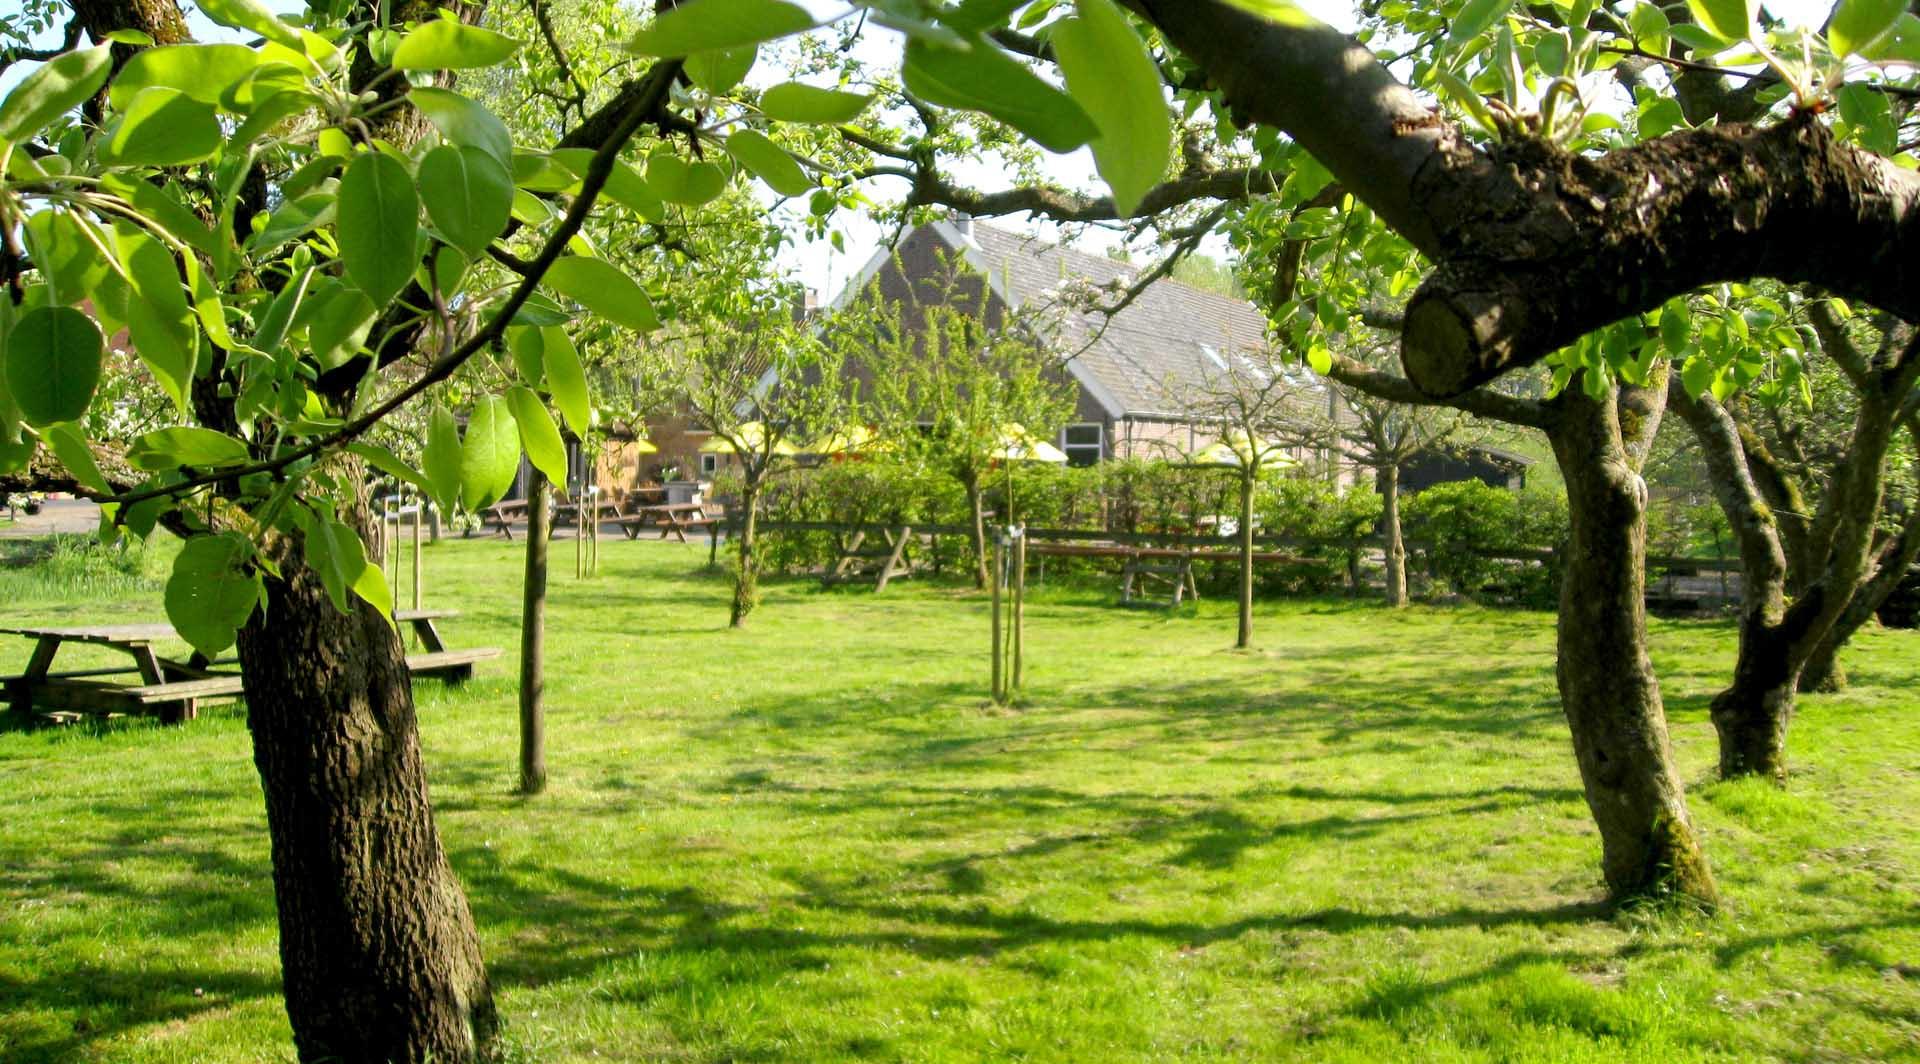 Buiten trouwen in de boomgaard bij Buitenplaats Vlaardingen